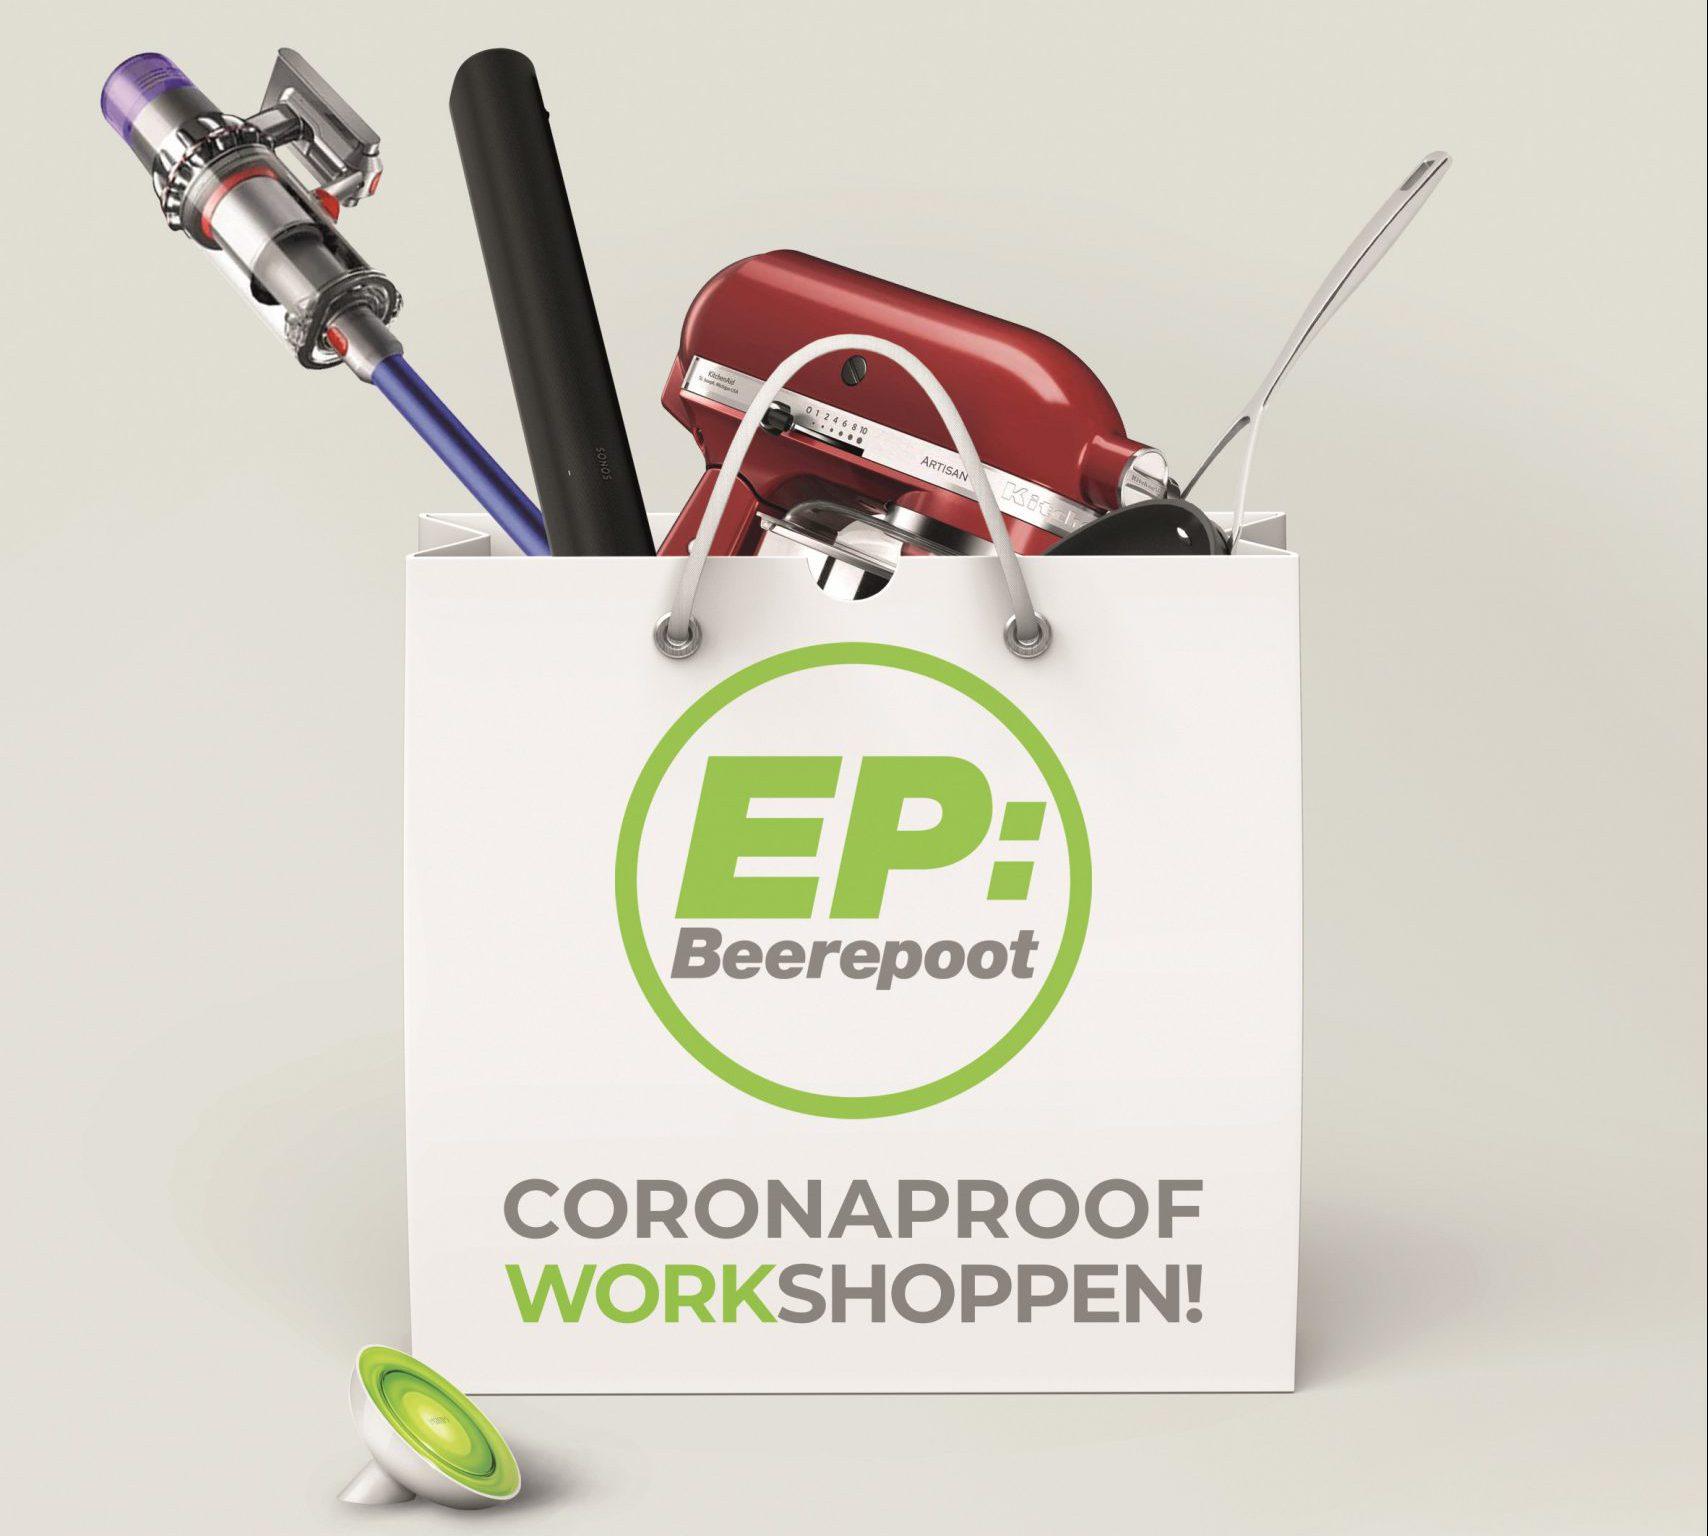 EP Beerepoot;  workshoppen